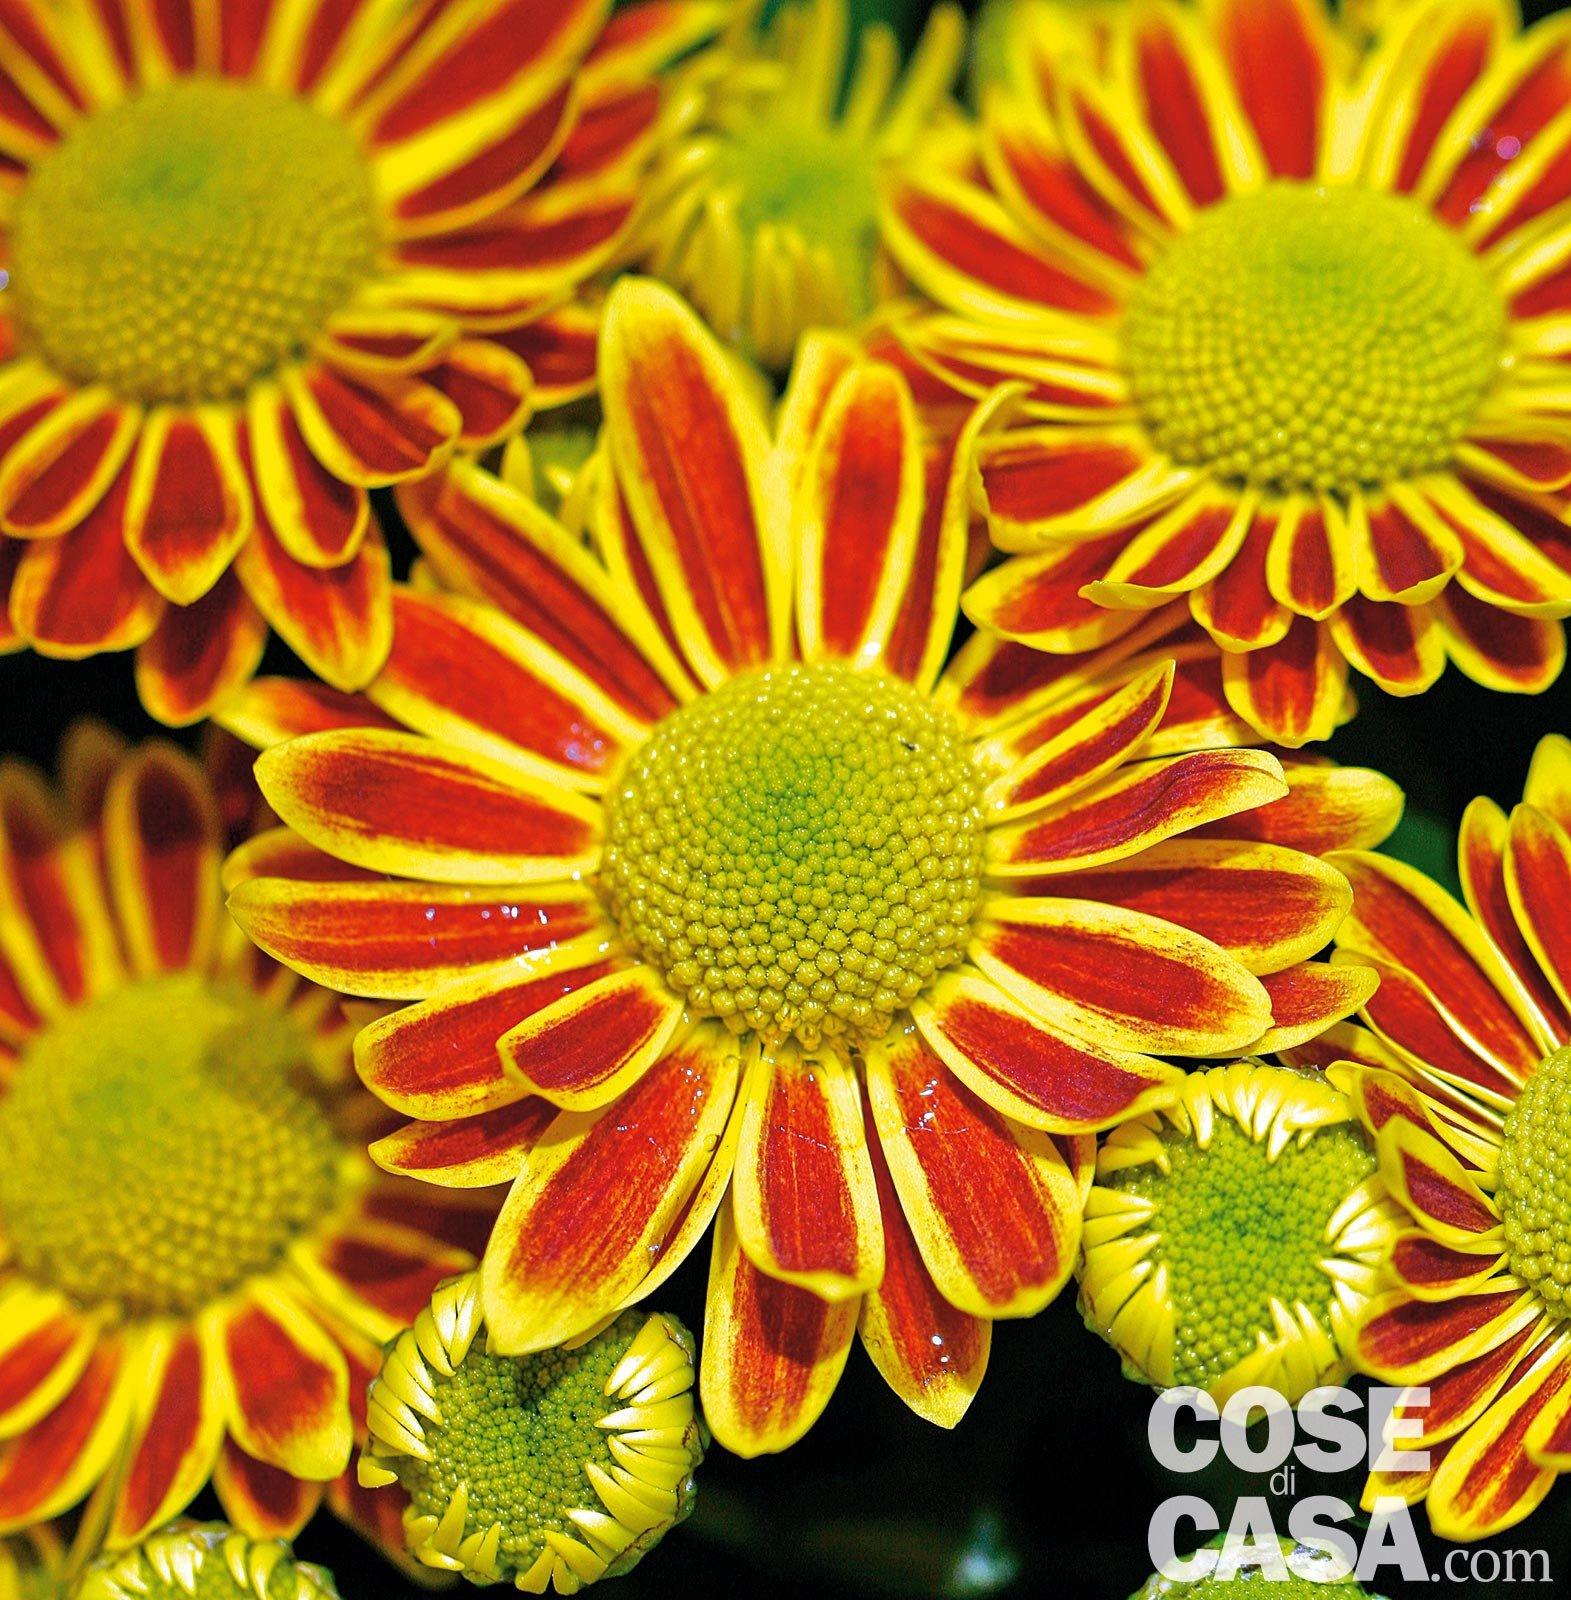 Crisantemi in piena terra cose di casa - Crisantemi in vaso ...